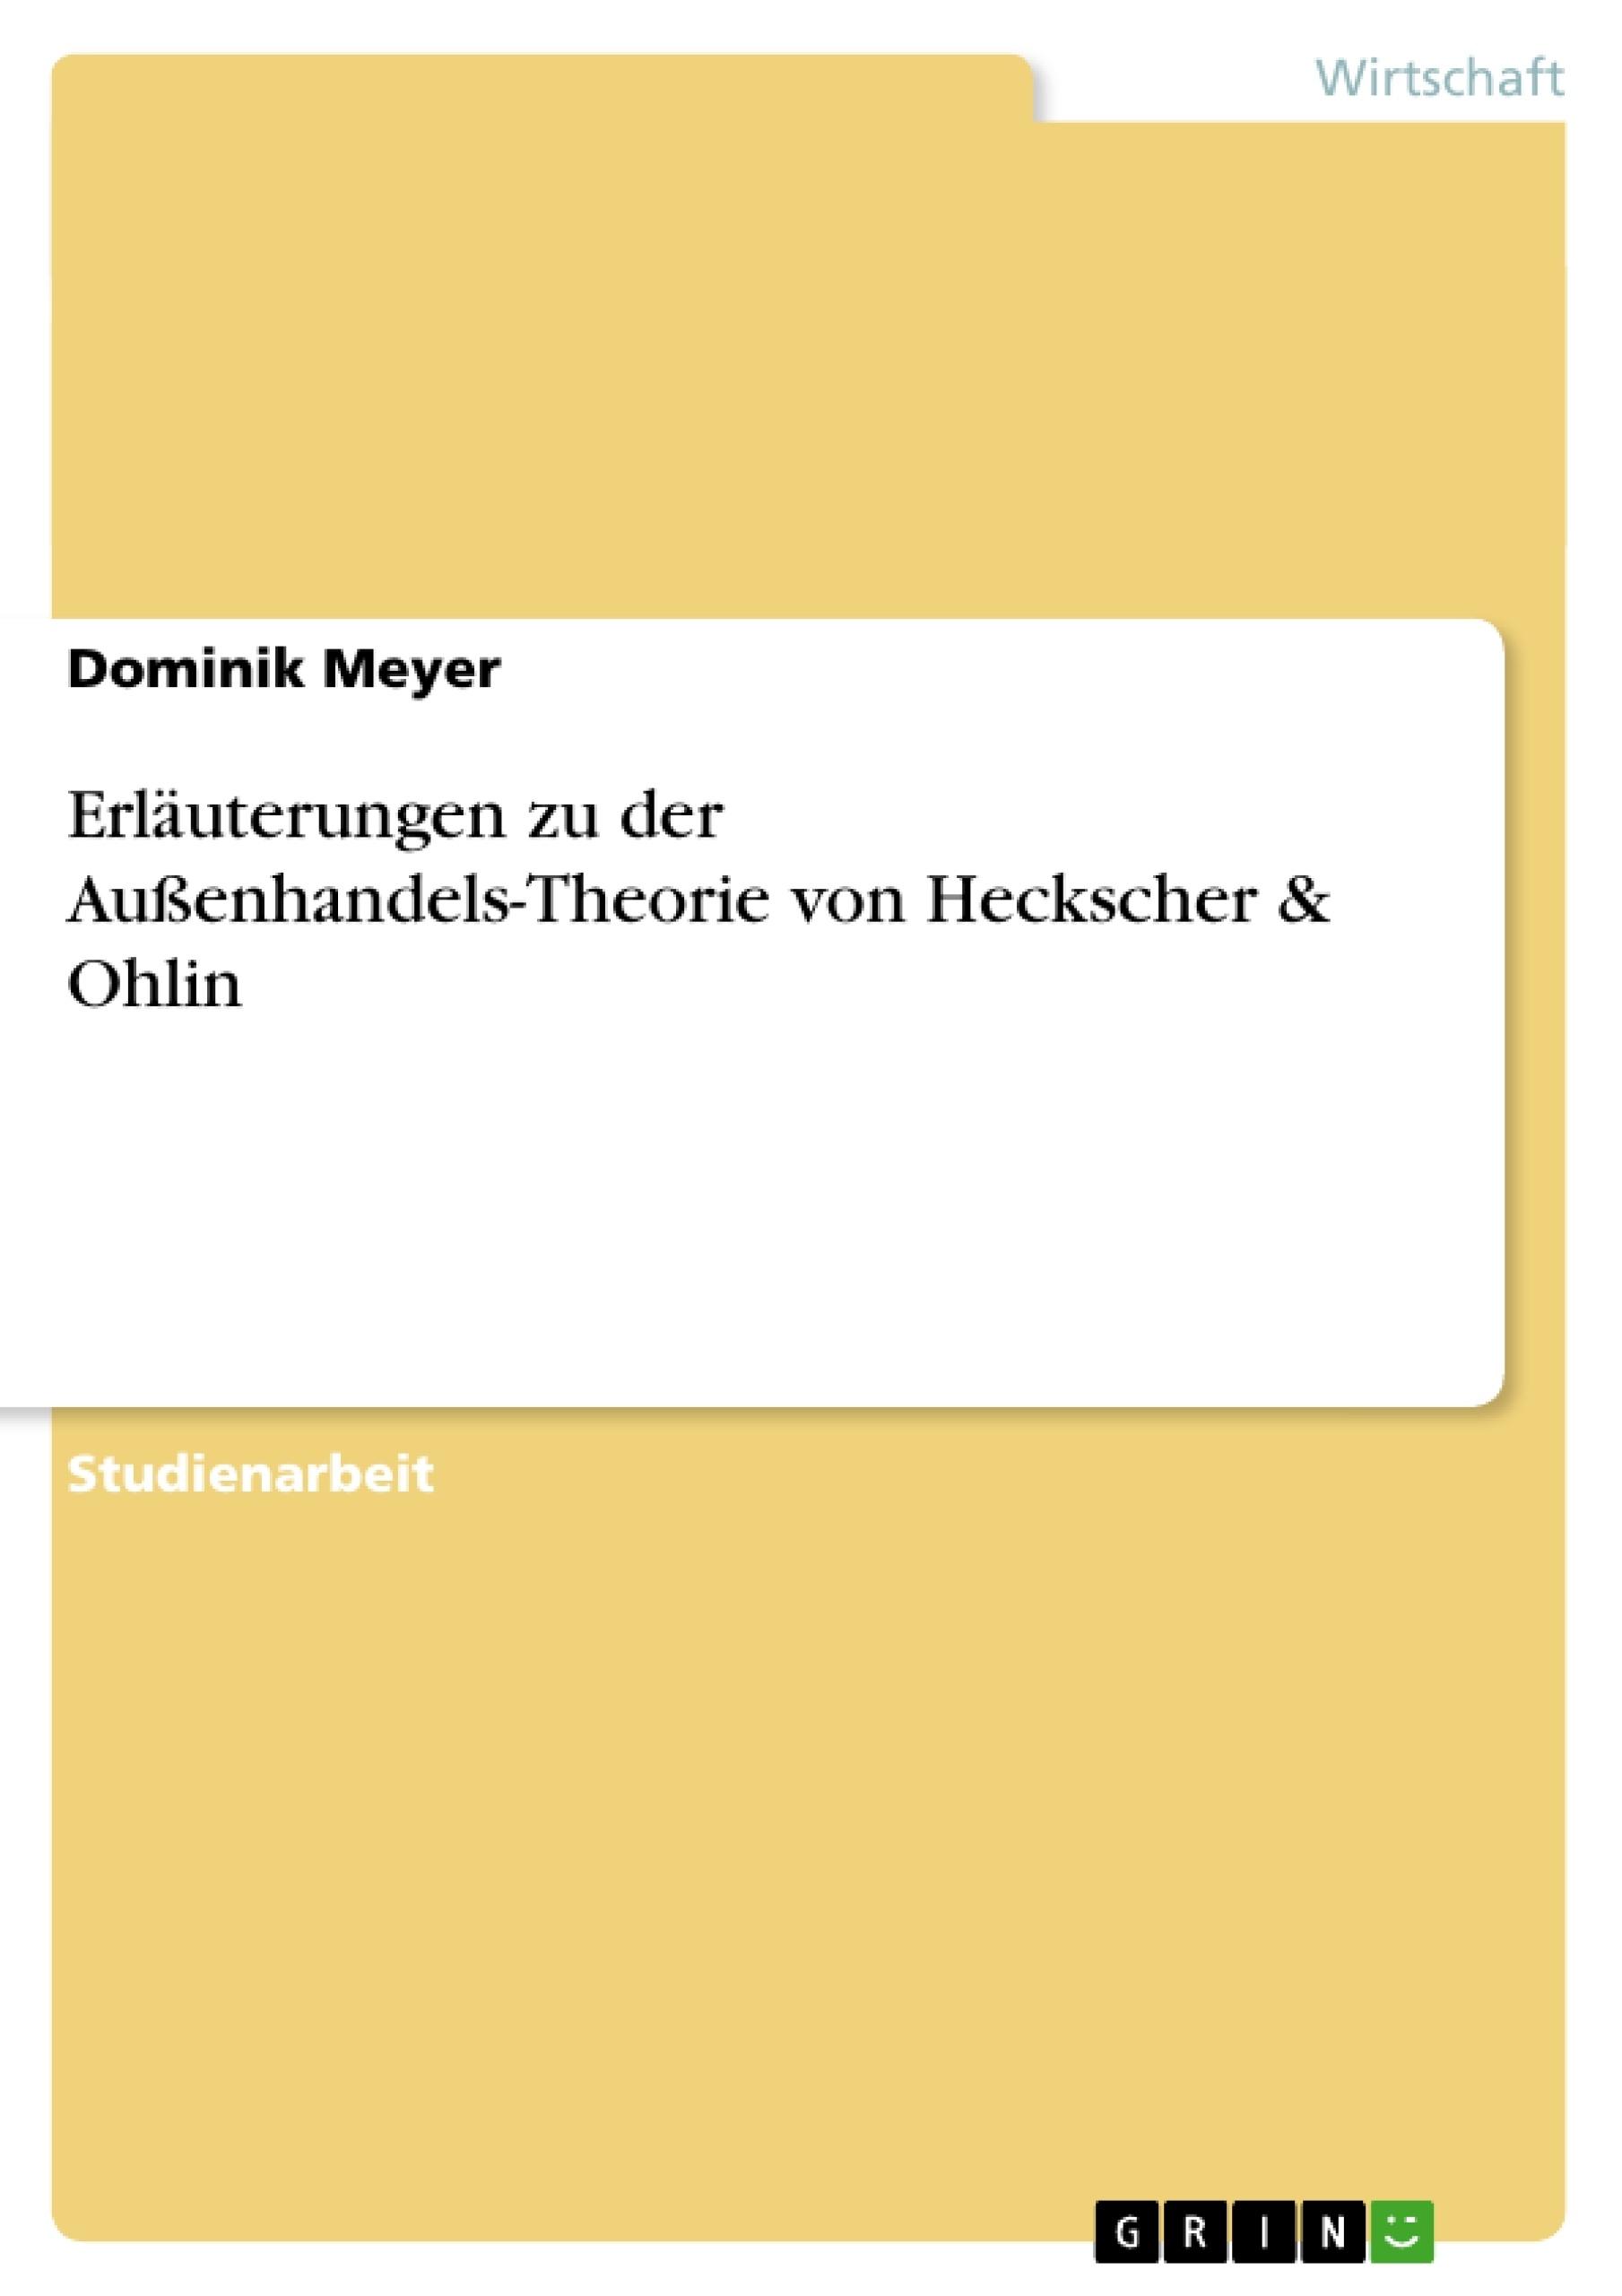 Titel: Erläuterungen zu der Außenhandels-Theorie von Heckscher & Ohlin